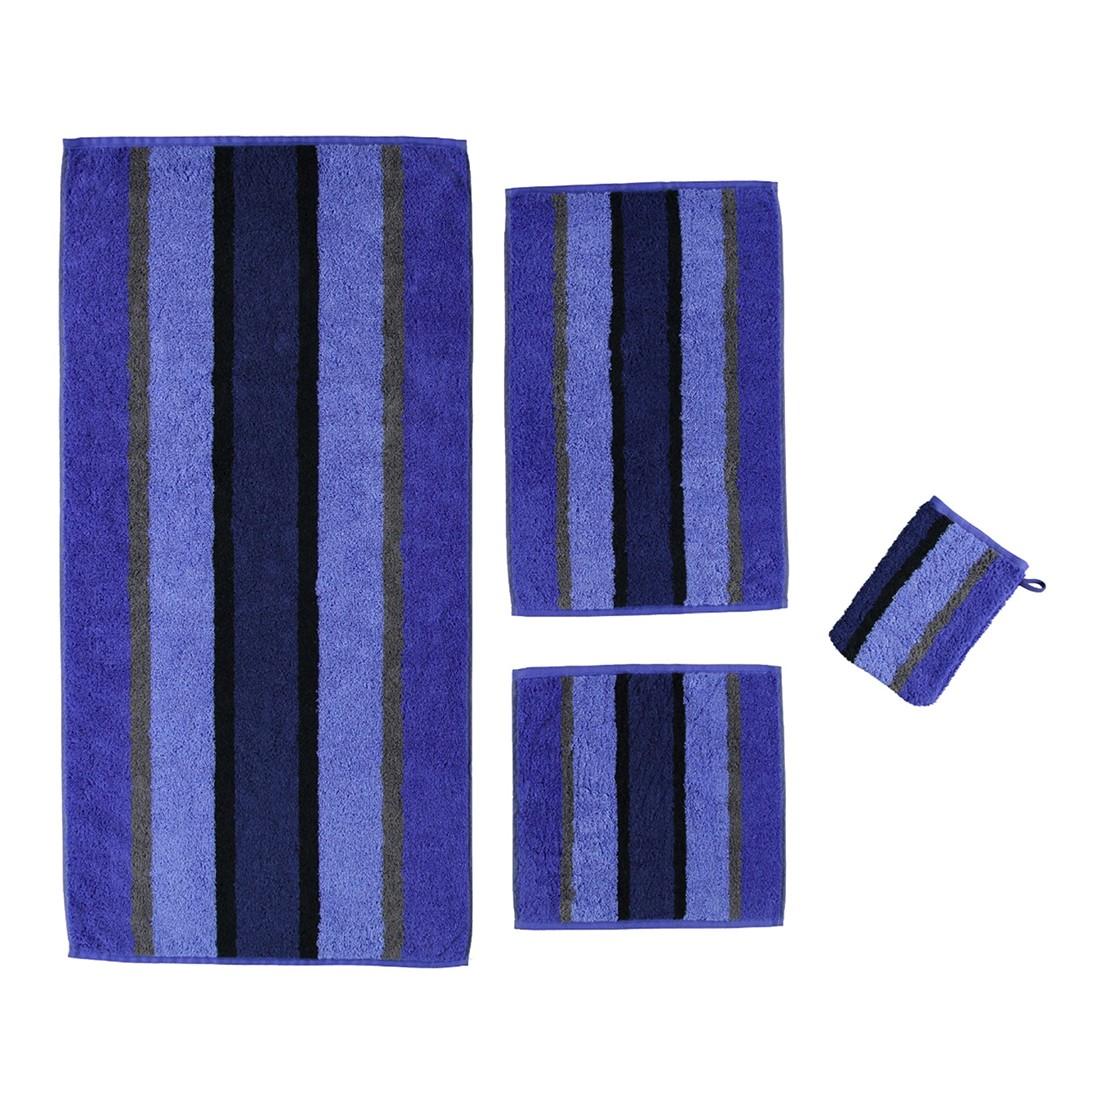 Handtuch Karat – 100% Baumwolle saphir-Blau – 11 – Seiflappen: 30 x 30 cm, Cawö kaufen